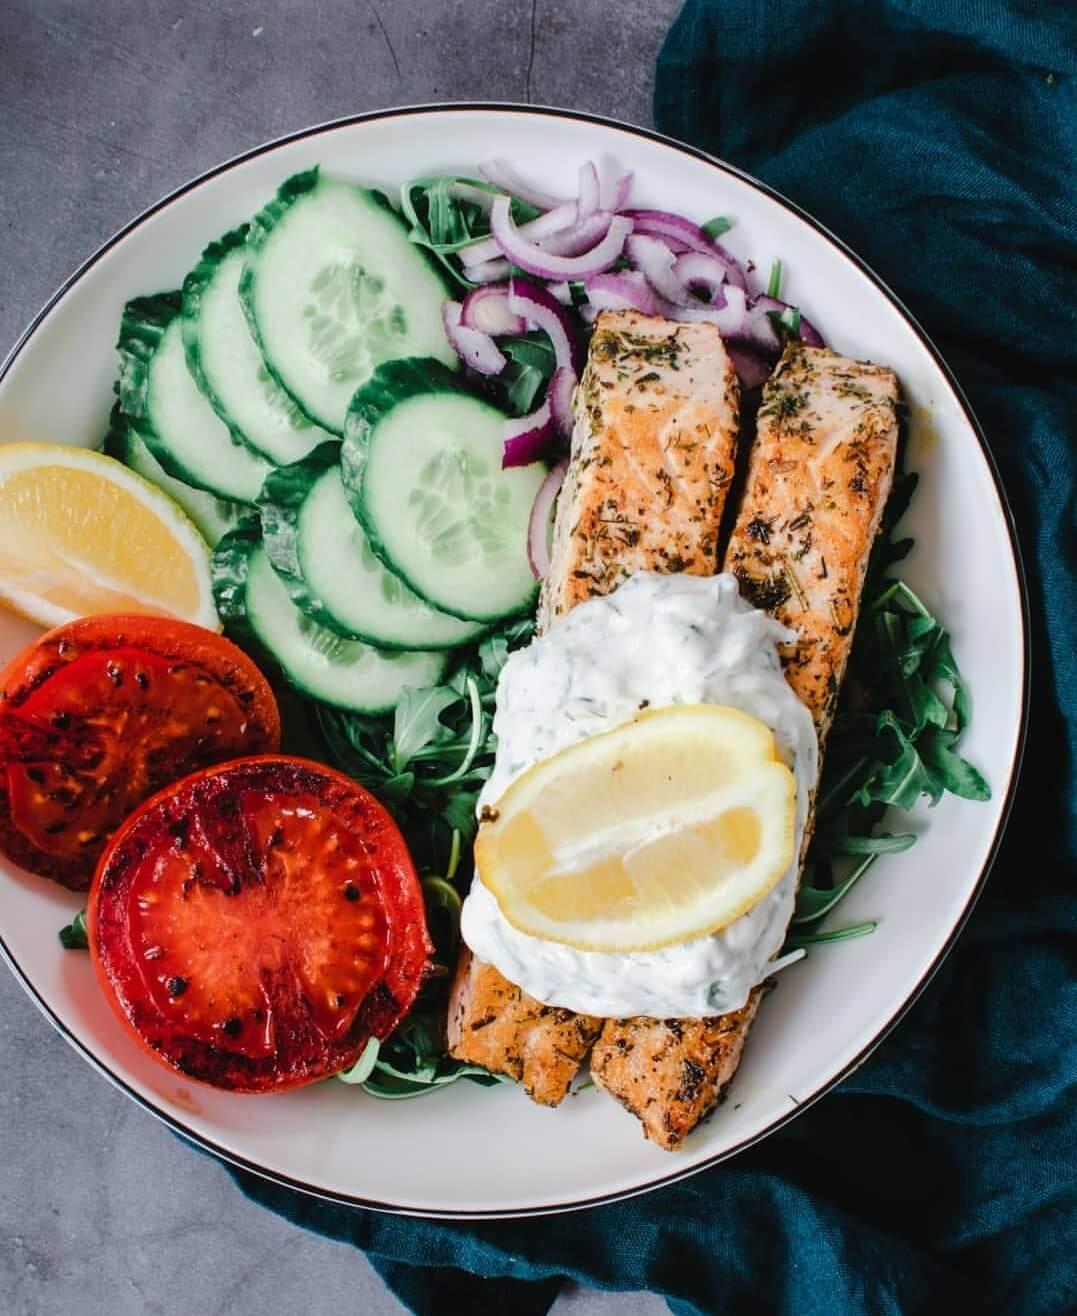 salade met gemarineerde zalm en tzatziki